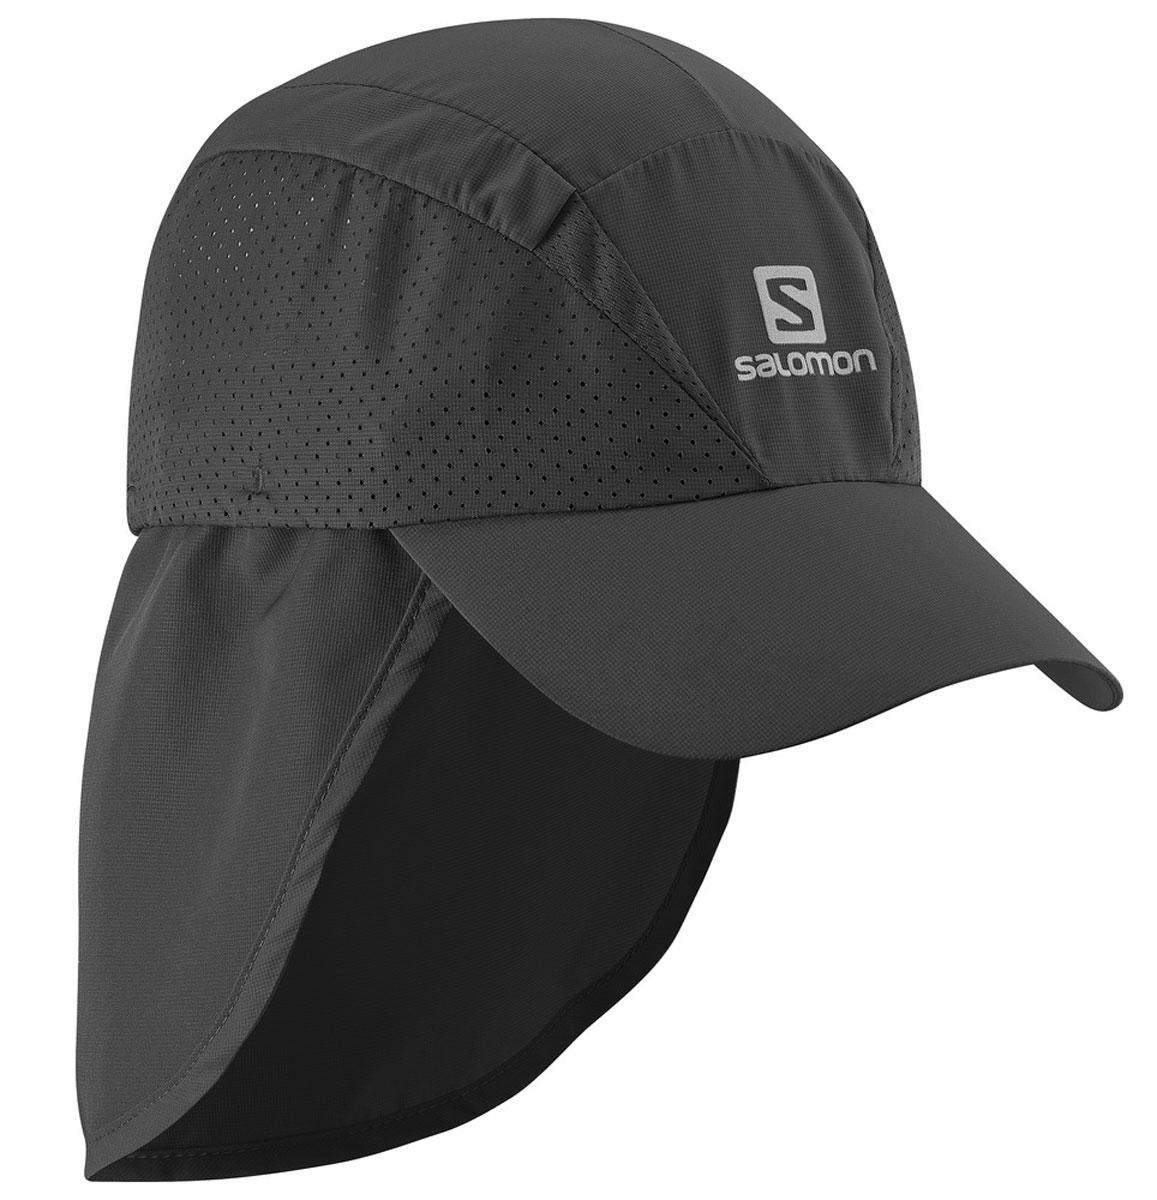 Кепка Salomon Cap Xa+, цвет: черный. L37929300. Размер S/M (54)L37929300Новый лаконичный силуэт, низкий вес и хорошая вентиляция: кепка XACap быстро сохнет, сохраняя чувство свежести и комфорта во время беге. Дополнительная защита шеи от прямых солнечных лучей.